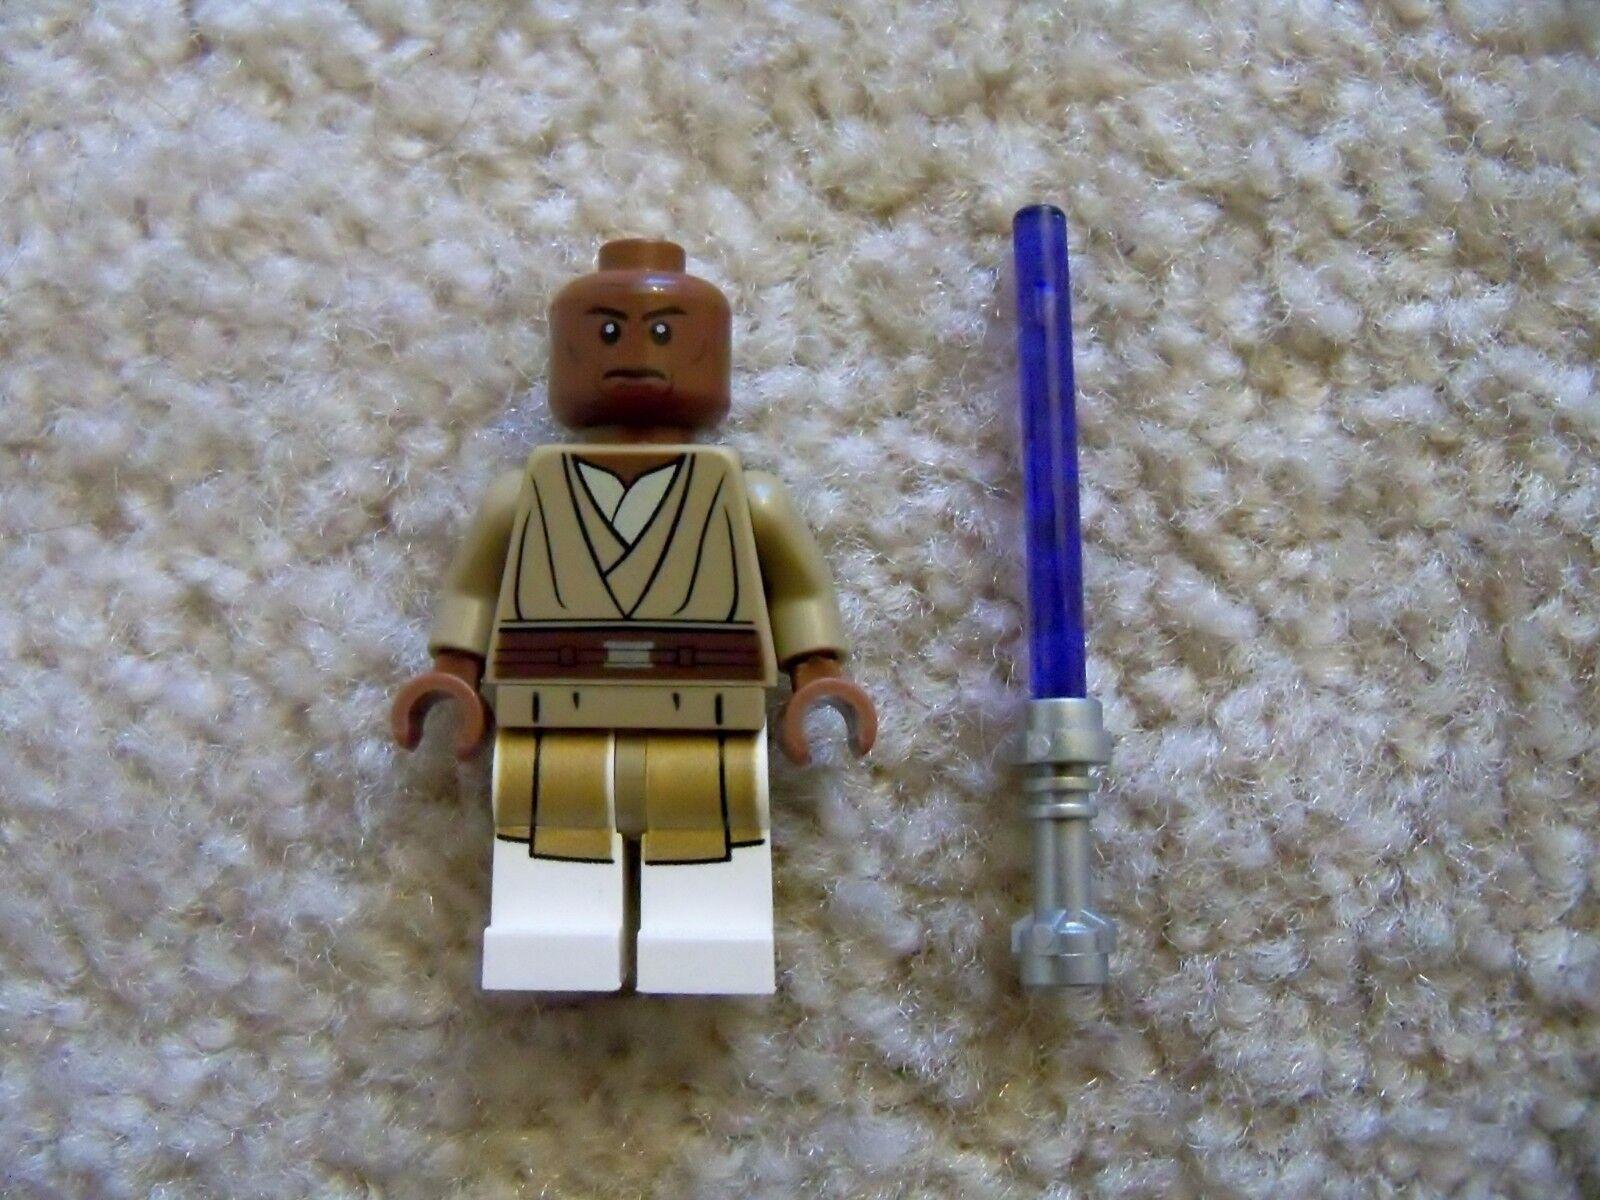 LEGO Star Wars Clone Clone Clone Wars - Rare Original Mace Windu - From 75019 - Excellent c02724